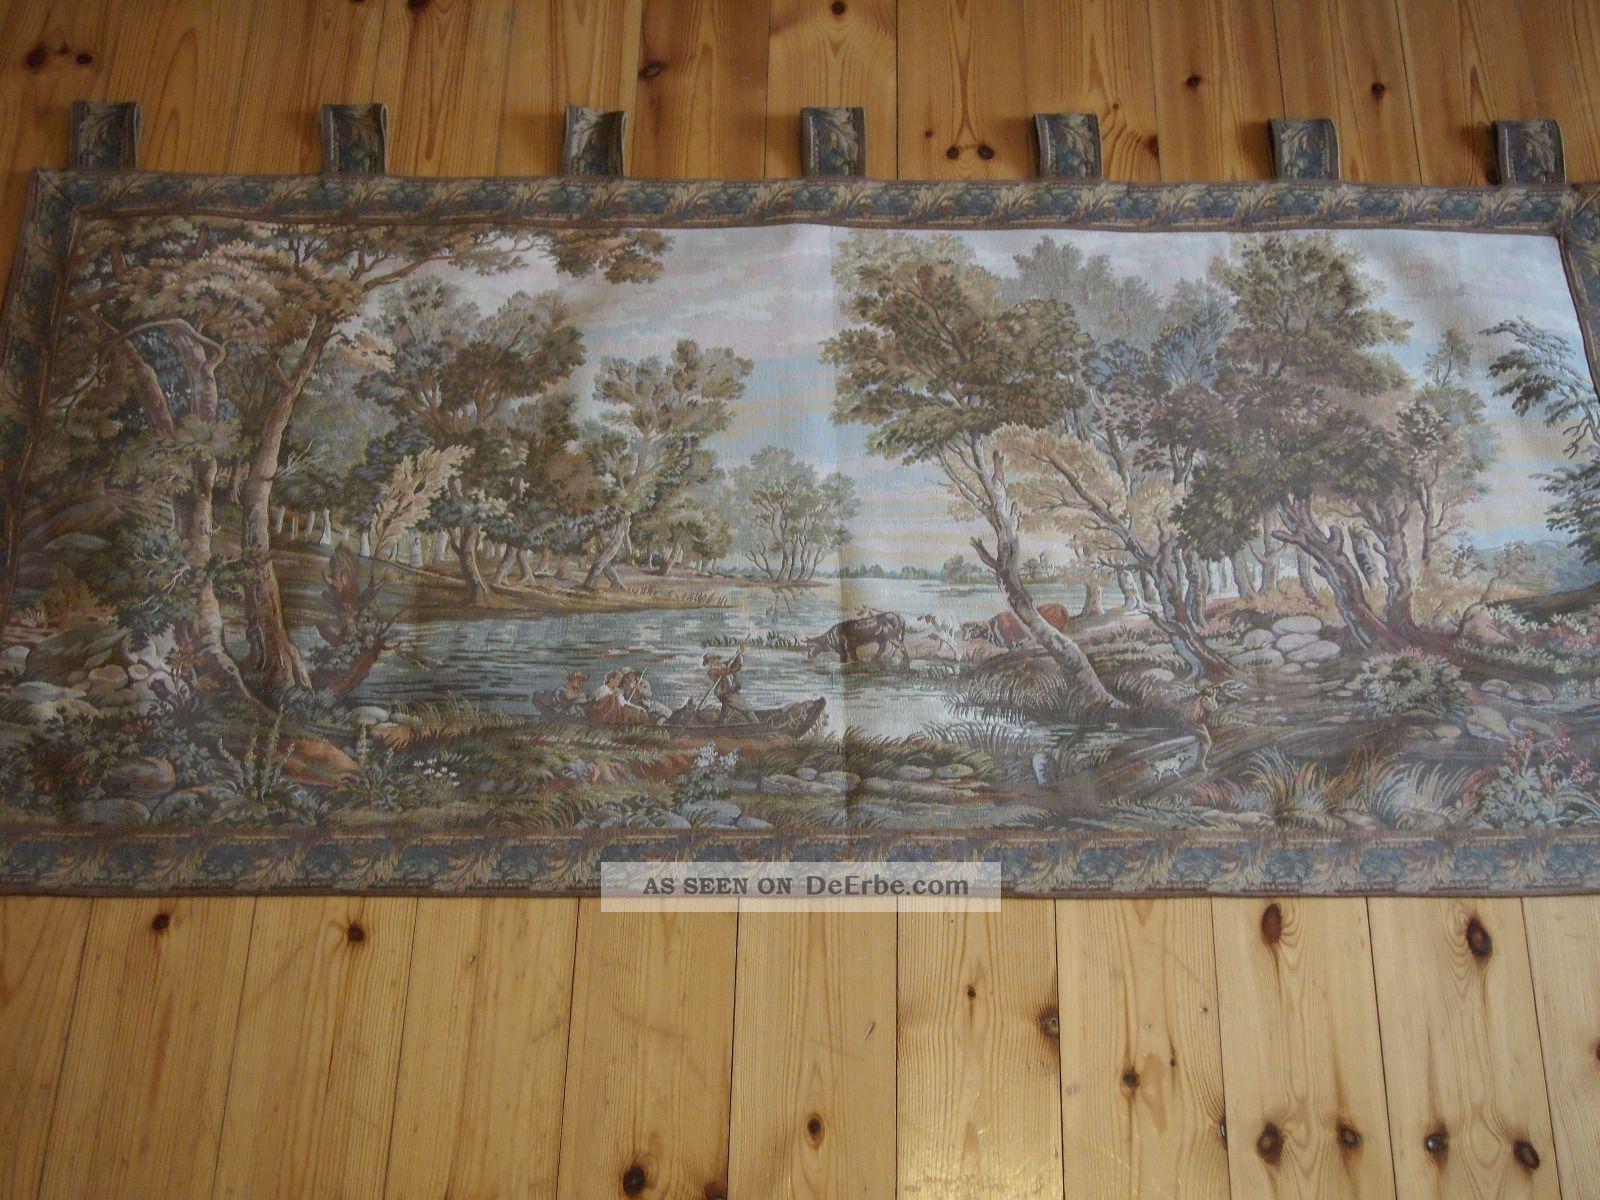 Wandteppich Gobelin 160 Cm Breit,  50er Jahre,  Landidylle,  Vintage,  60er Jahre 1950-1959 Bild